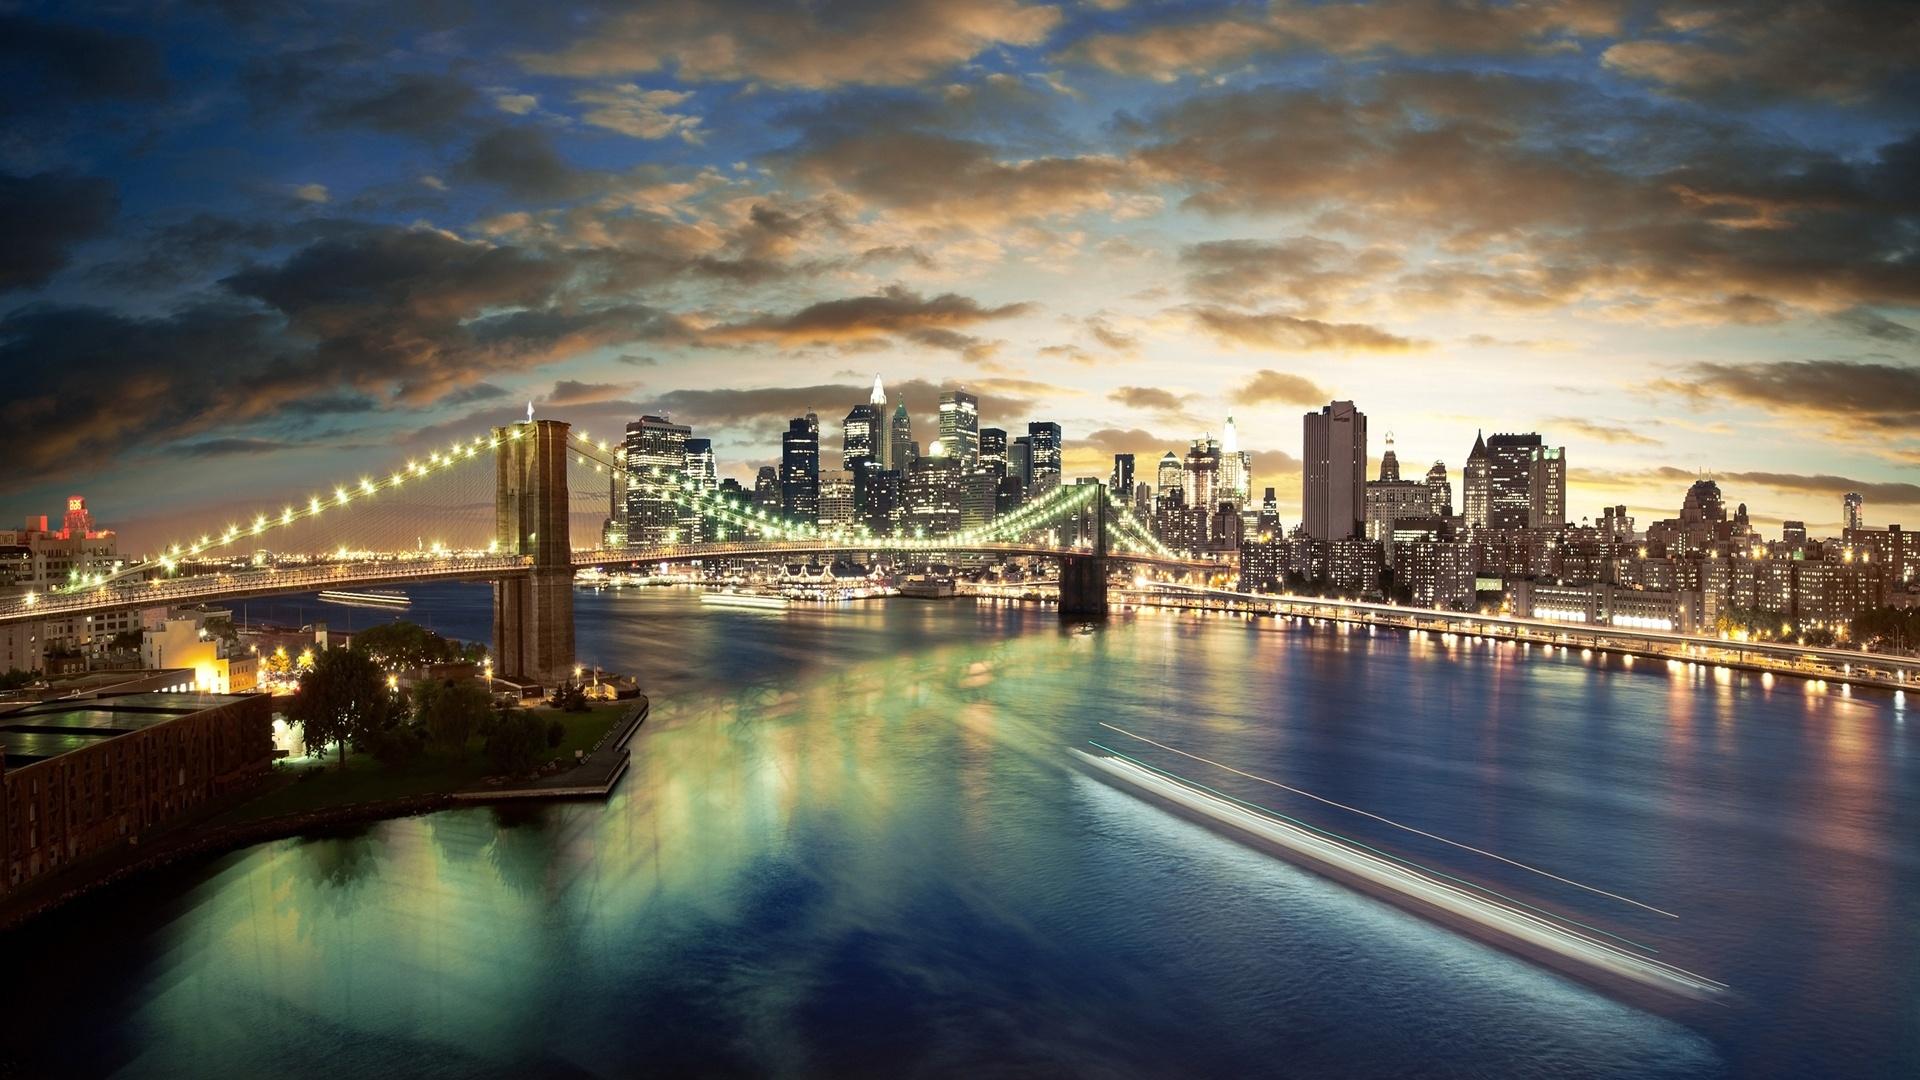 New York Desktop Hd Wallpaper Wallpapersafari